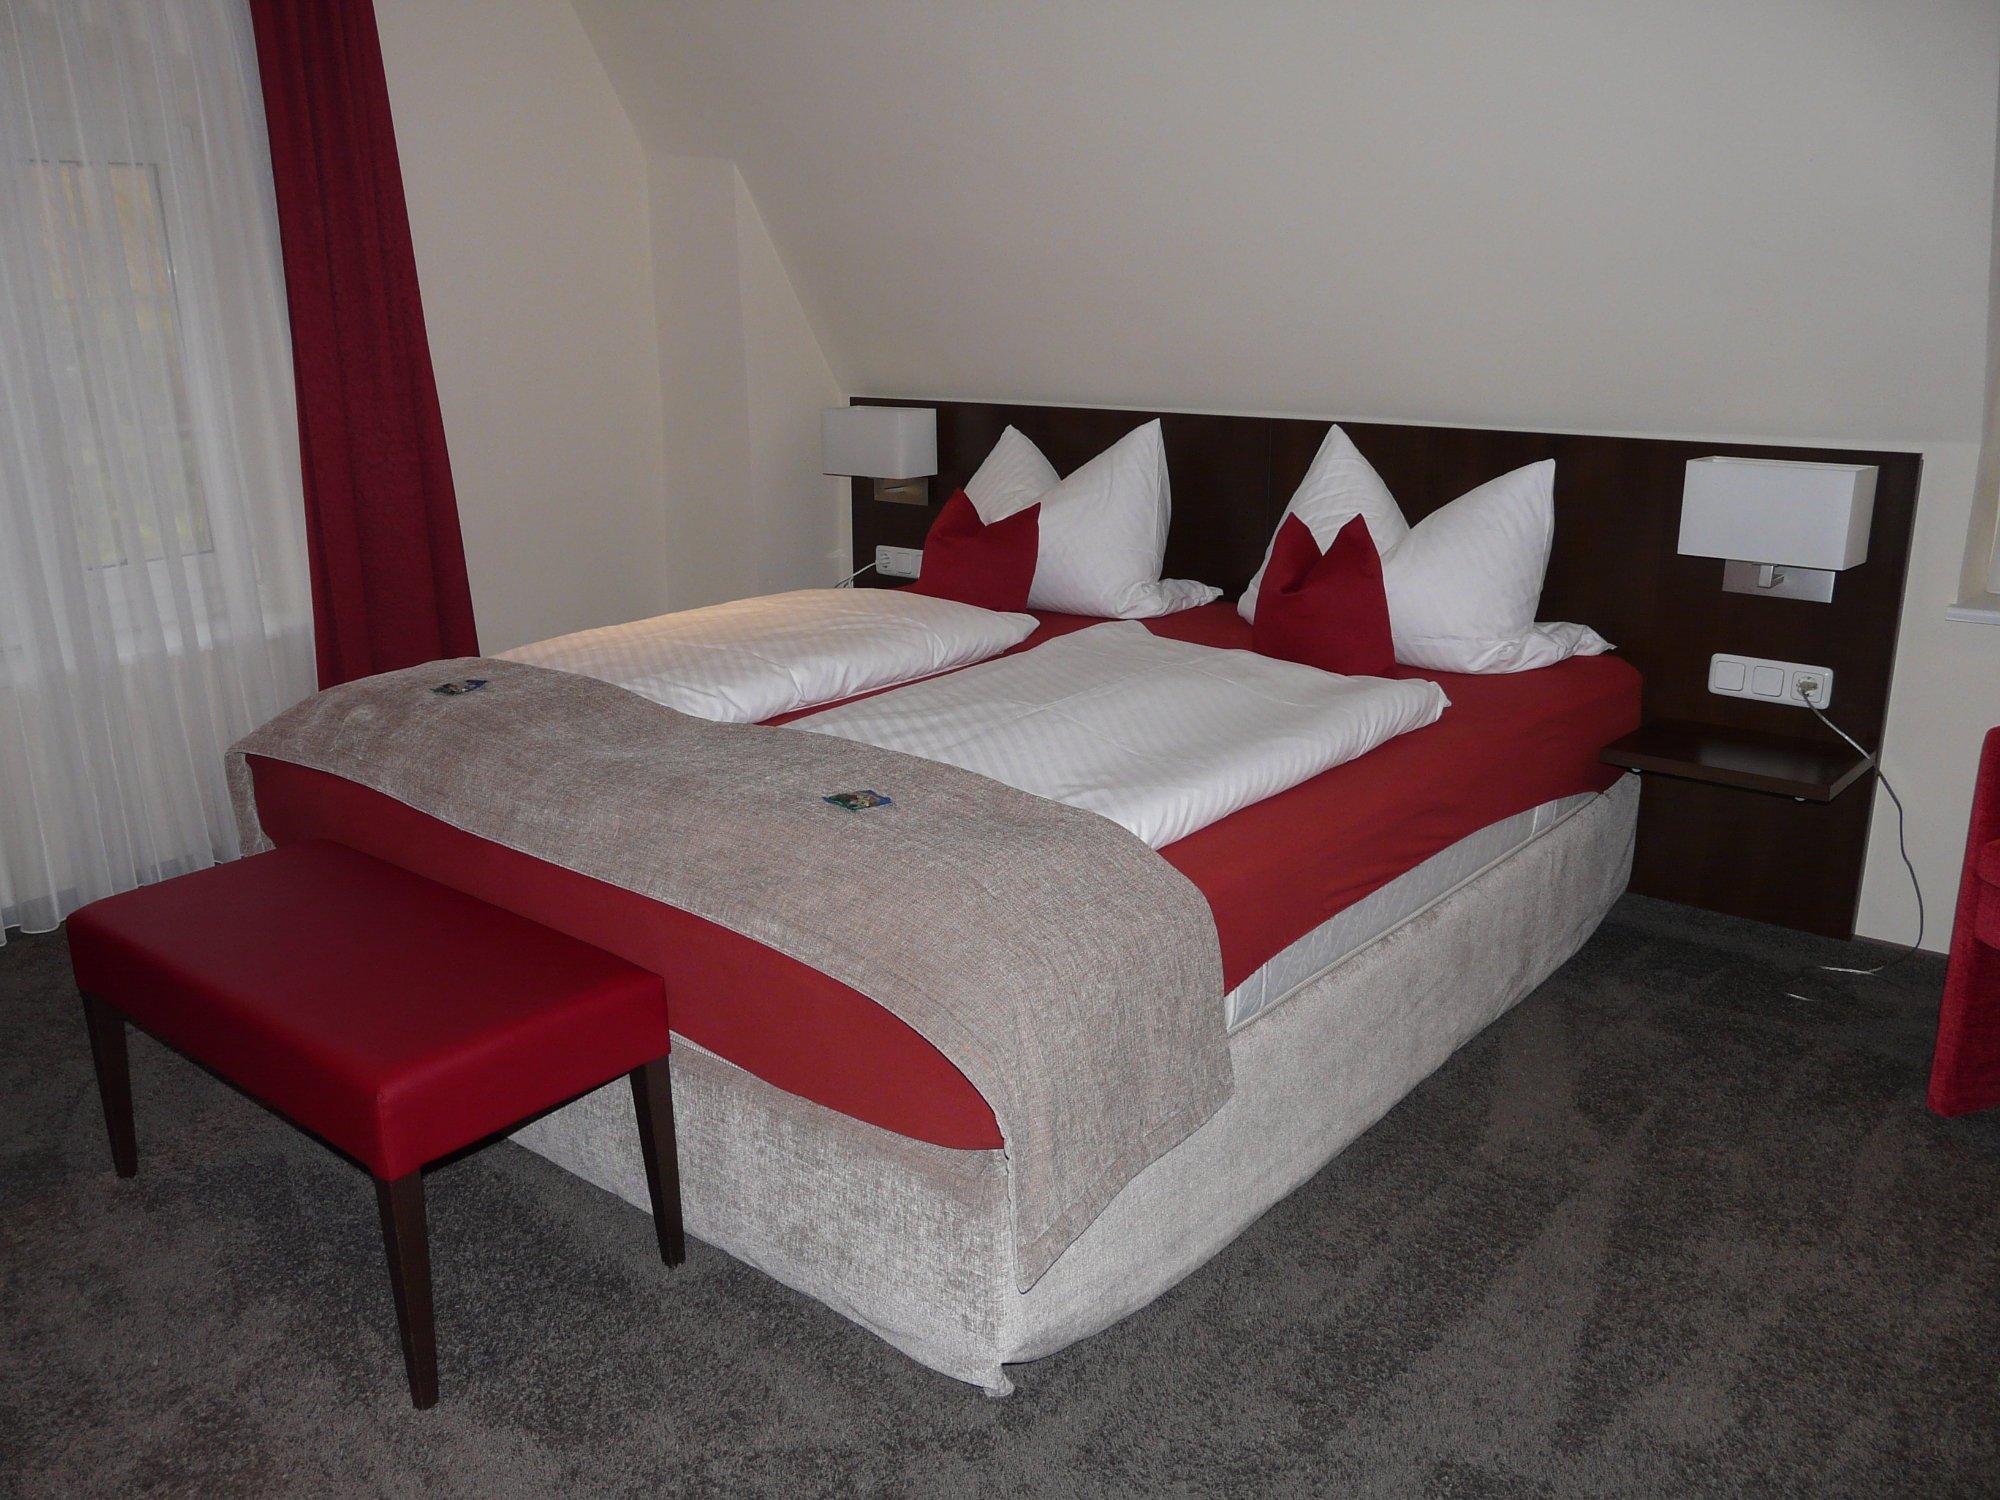 ホテル ヴィラ メルシェイメル